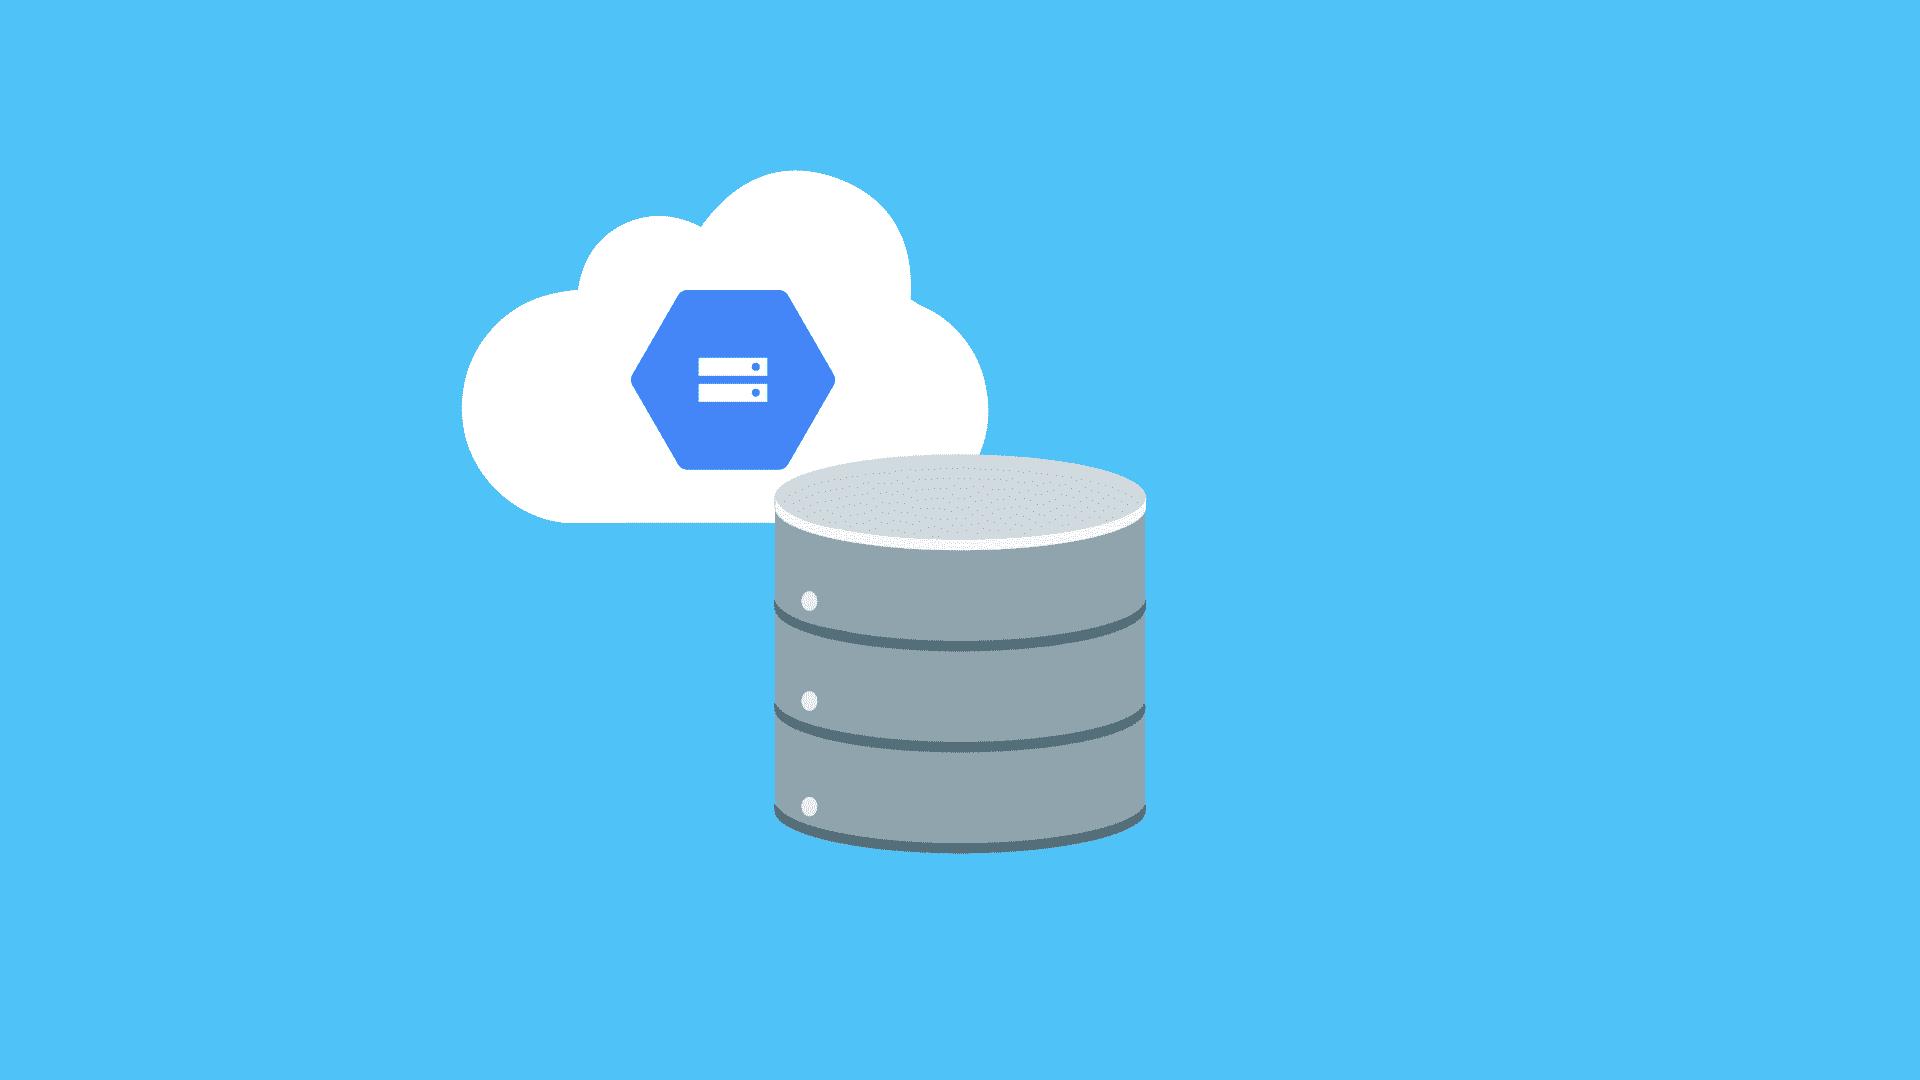 Base de datos en la nube